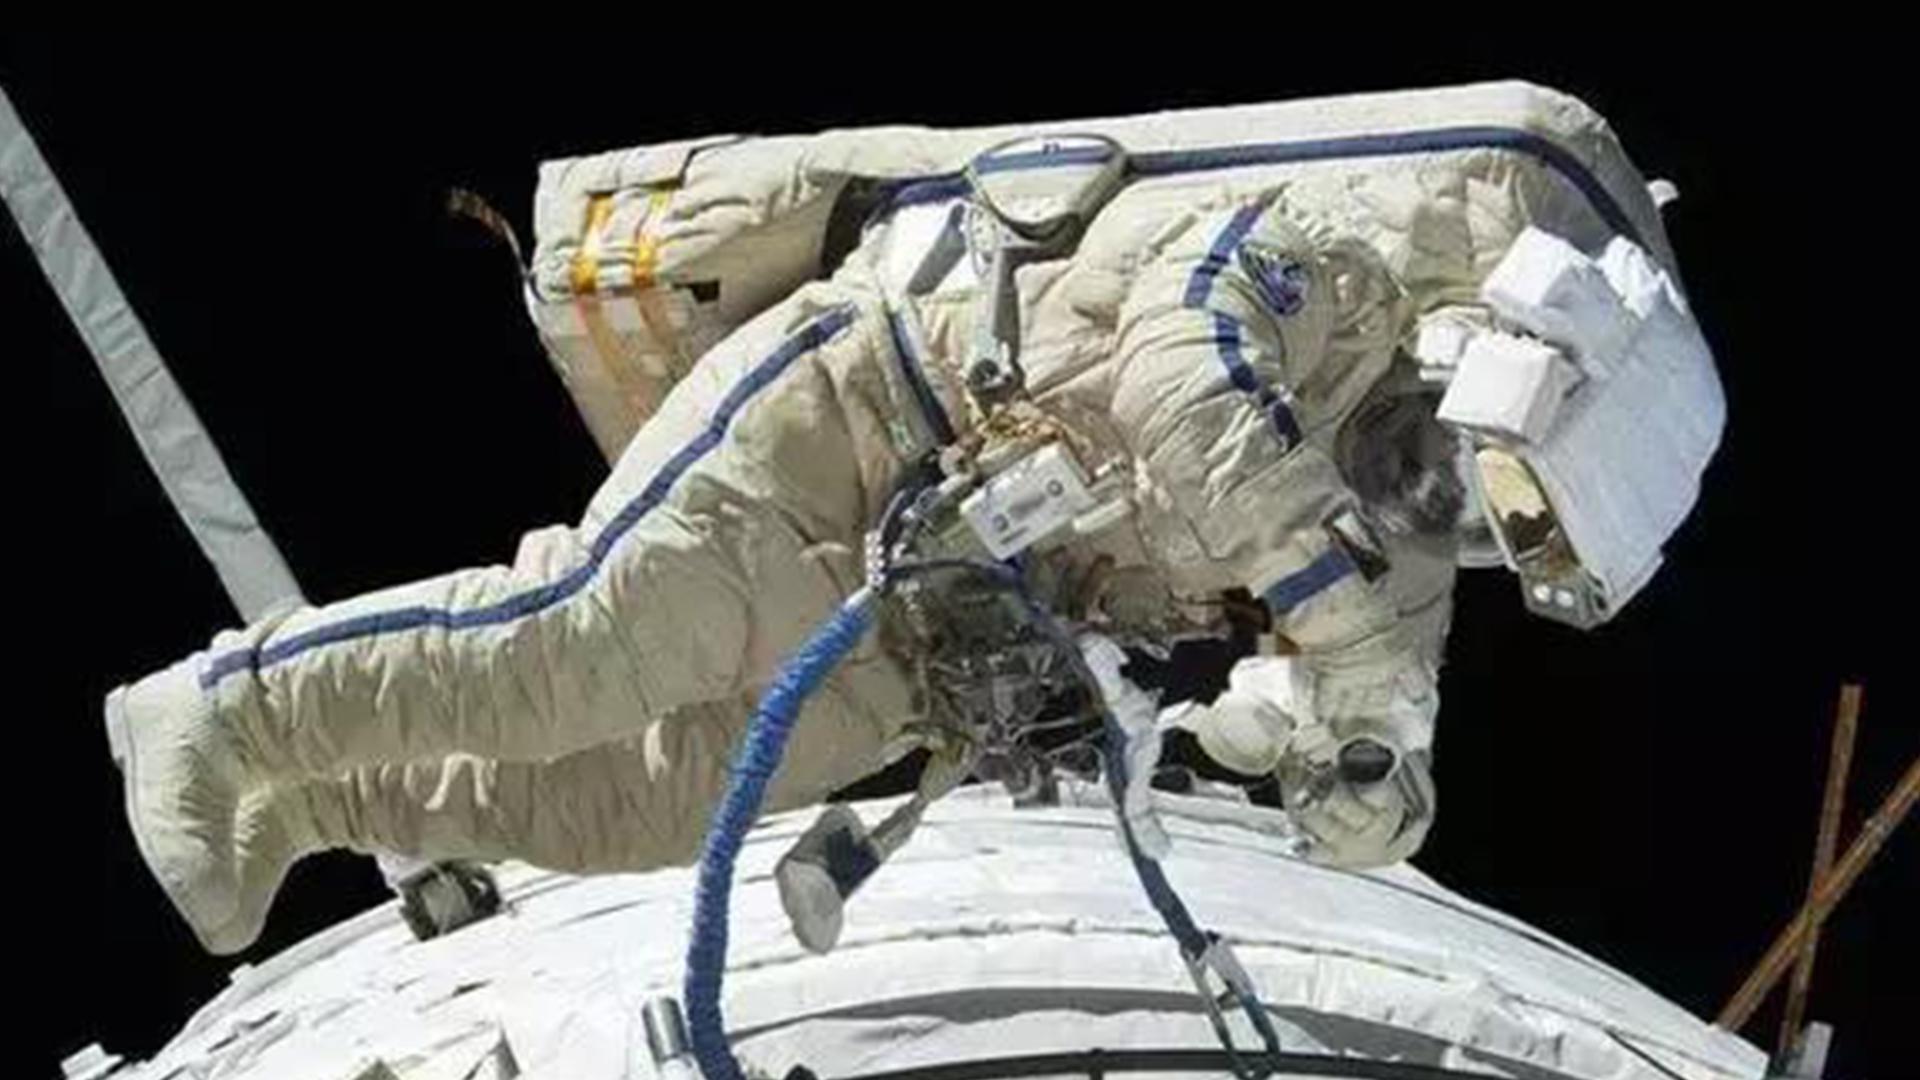 俄罗斯空间站被神秘生物攻击它们竟能在太空生存